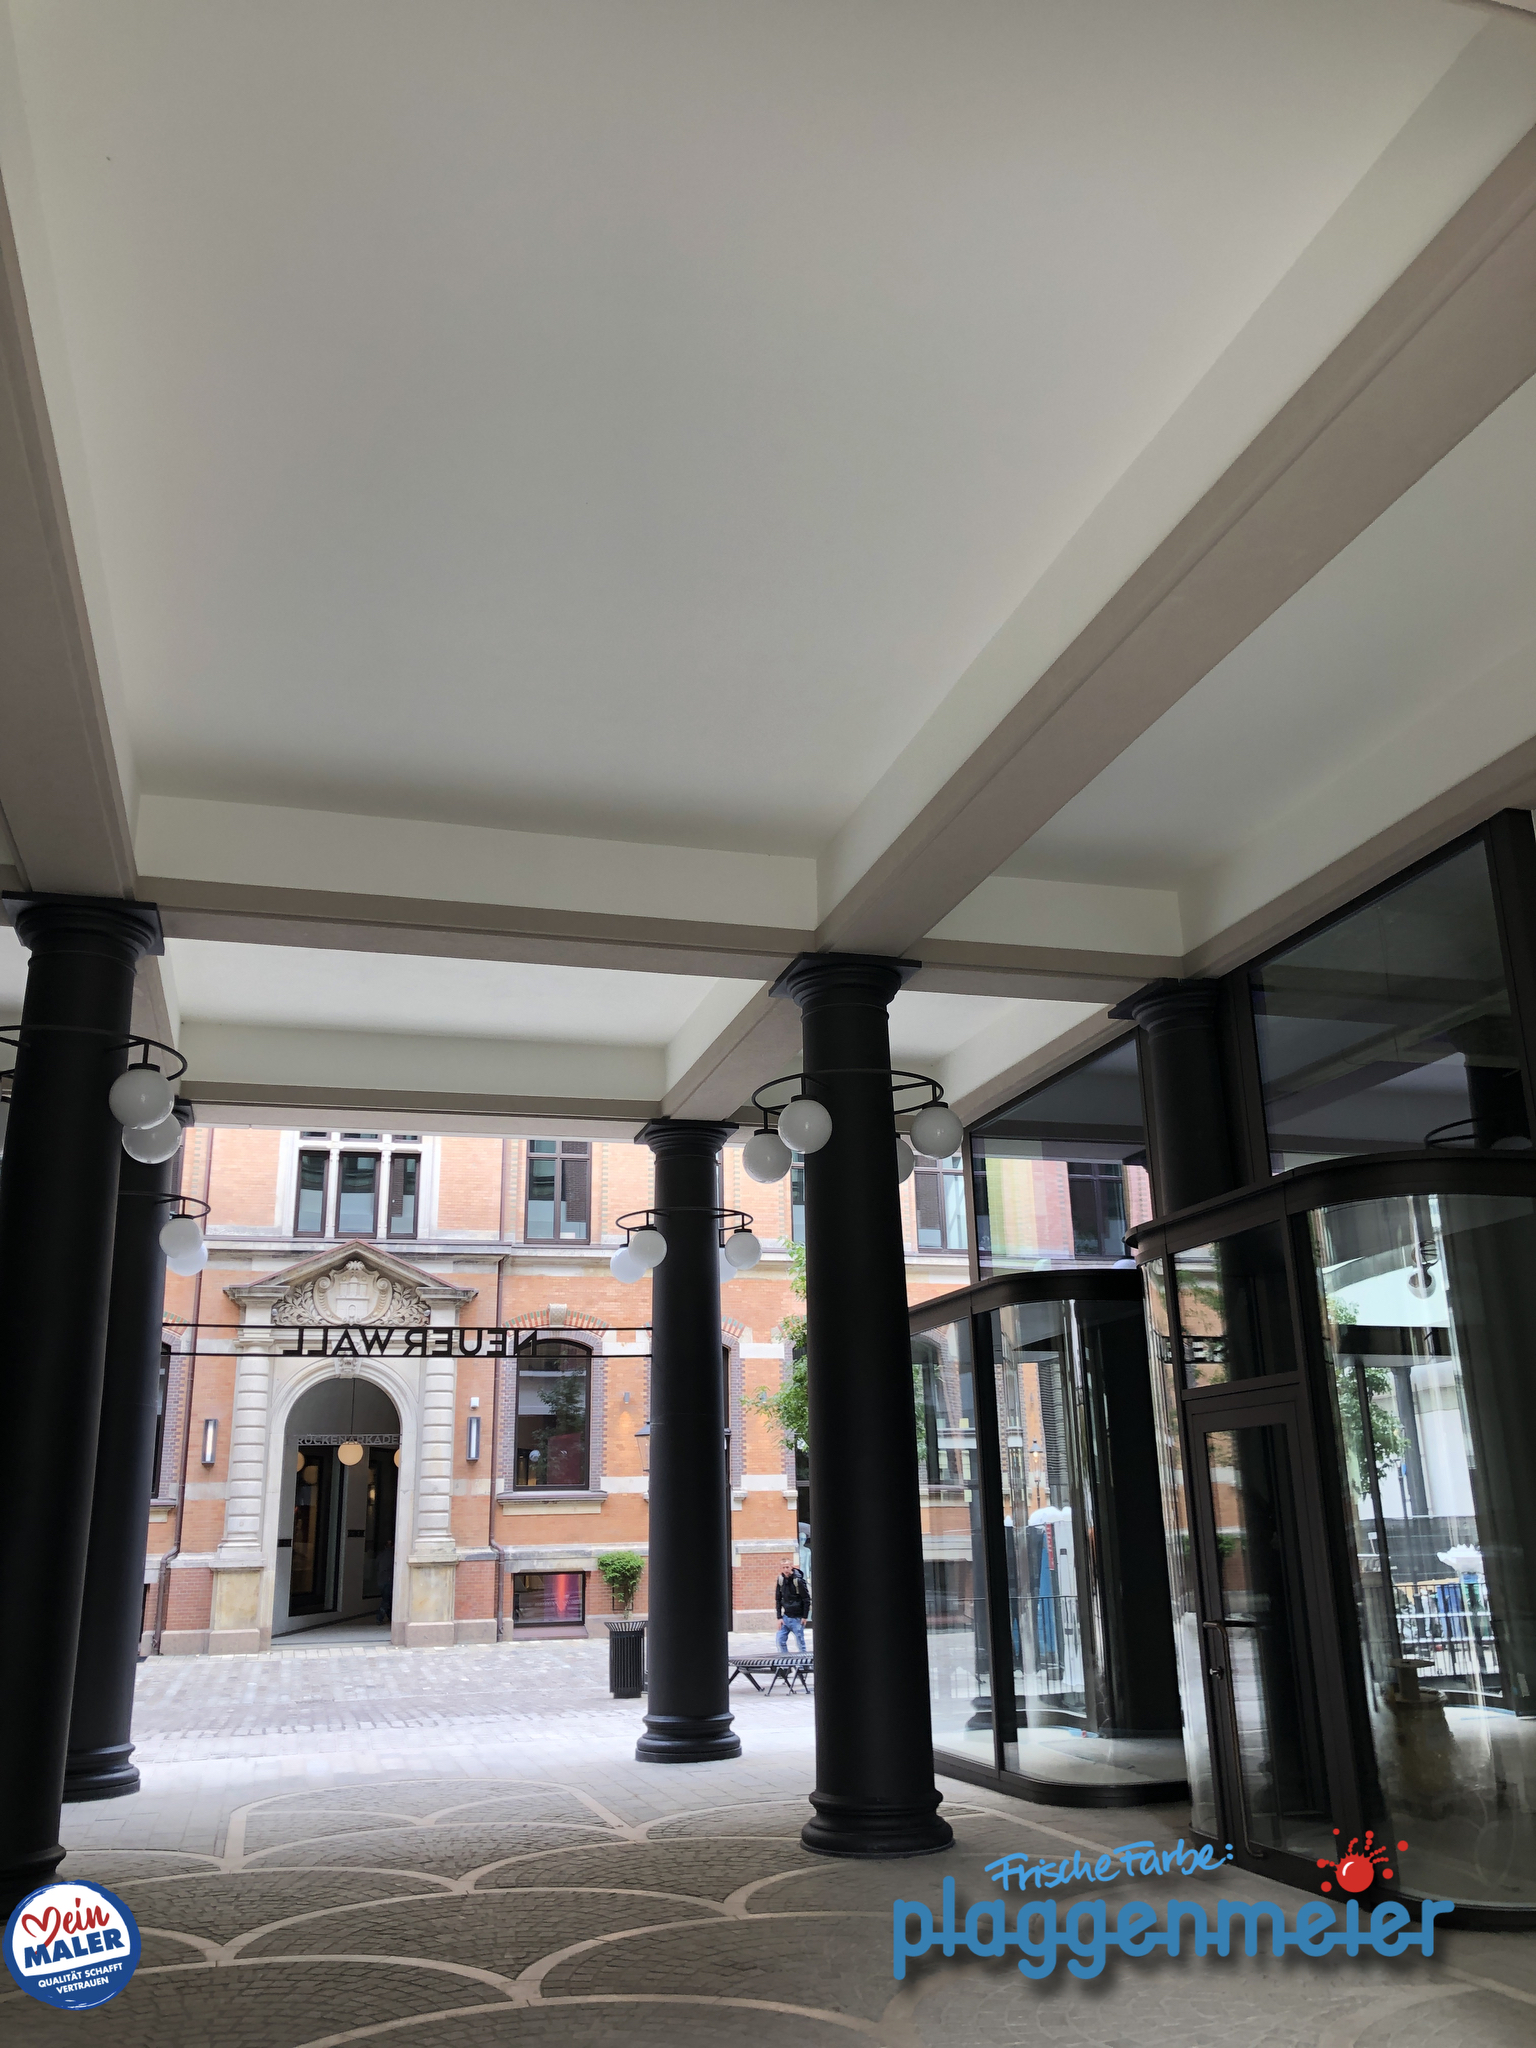 Ein letzter Blick und wir verlassen voller Stolz unser Werk am Görtz-Palais in Hamburg - Bis bald von Ihren Denkmalschutz-Malern aus Bremen.